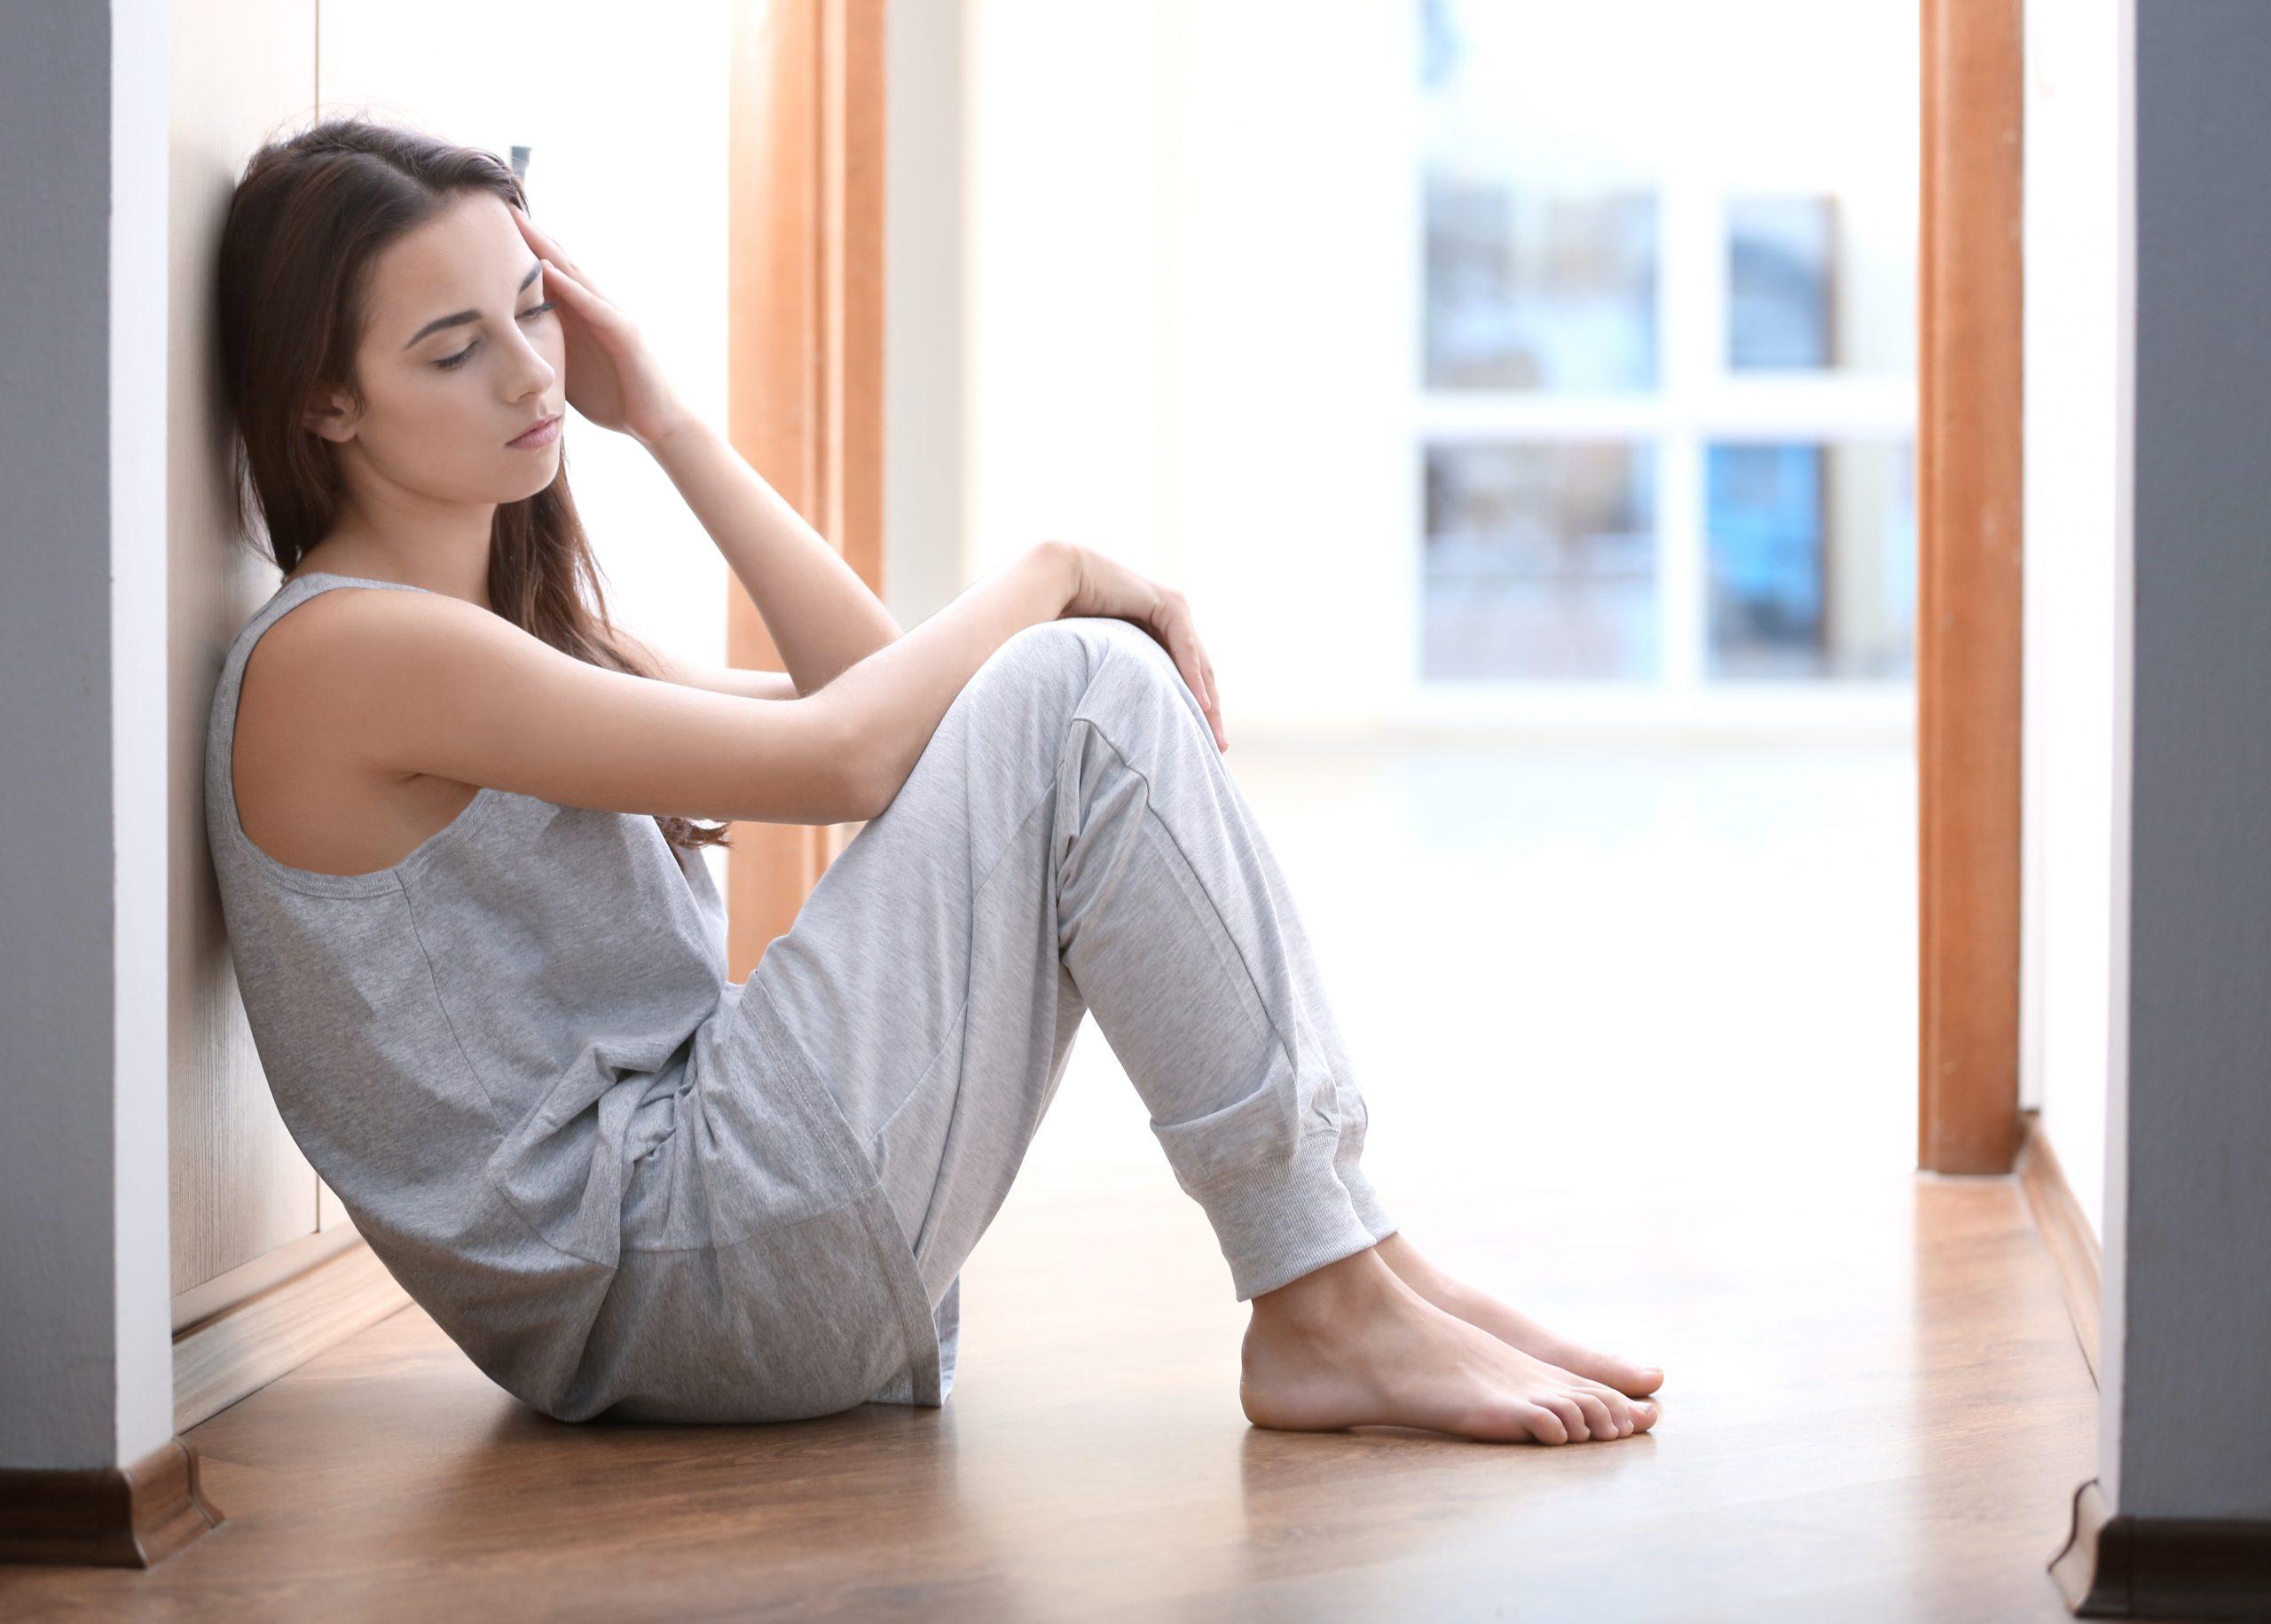 Vrouw die klachten heeft en op de grond zit